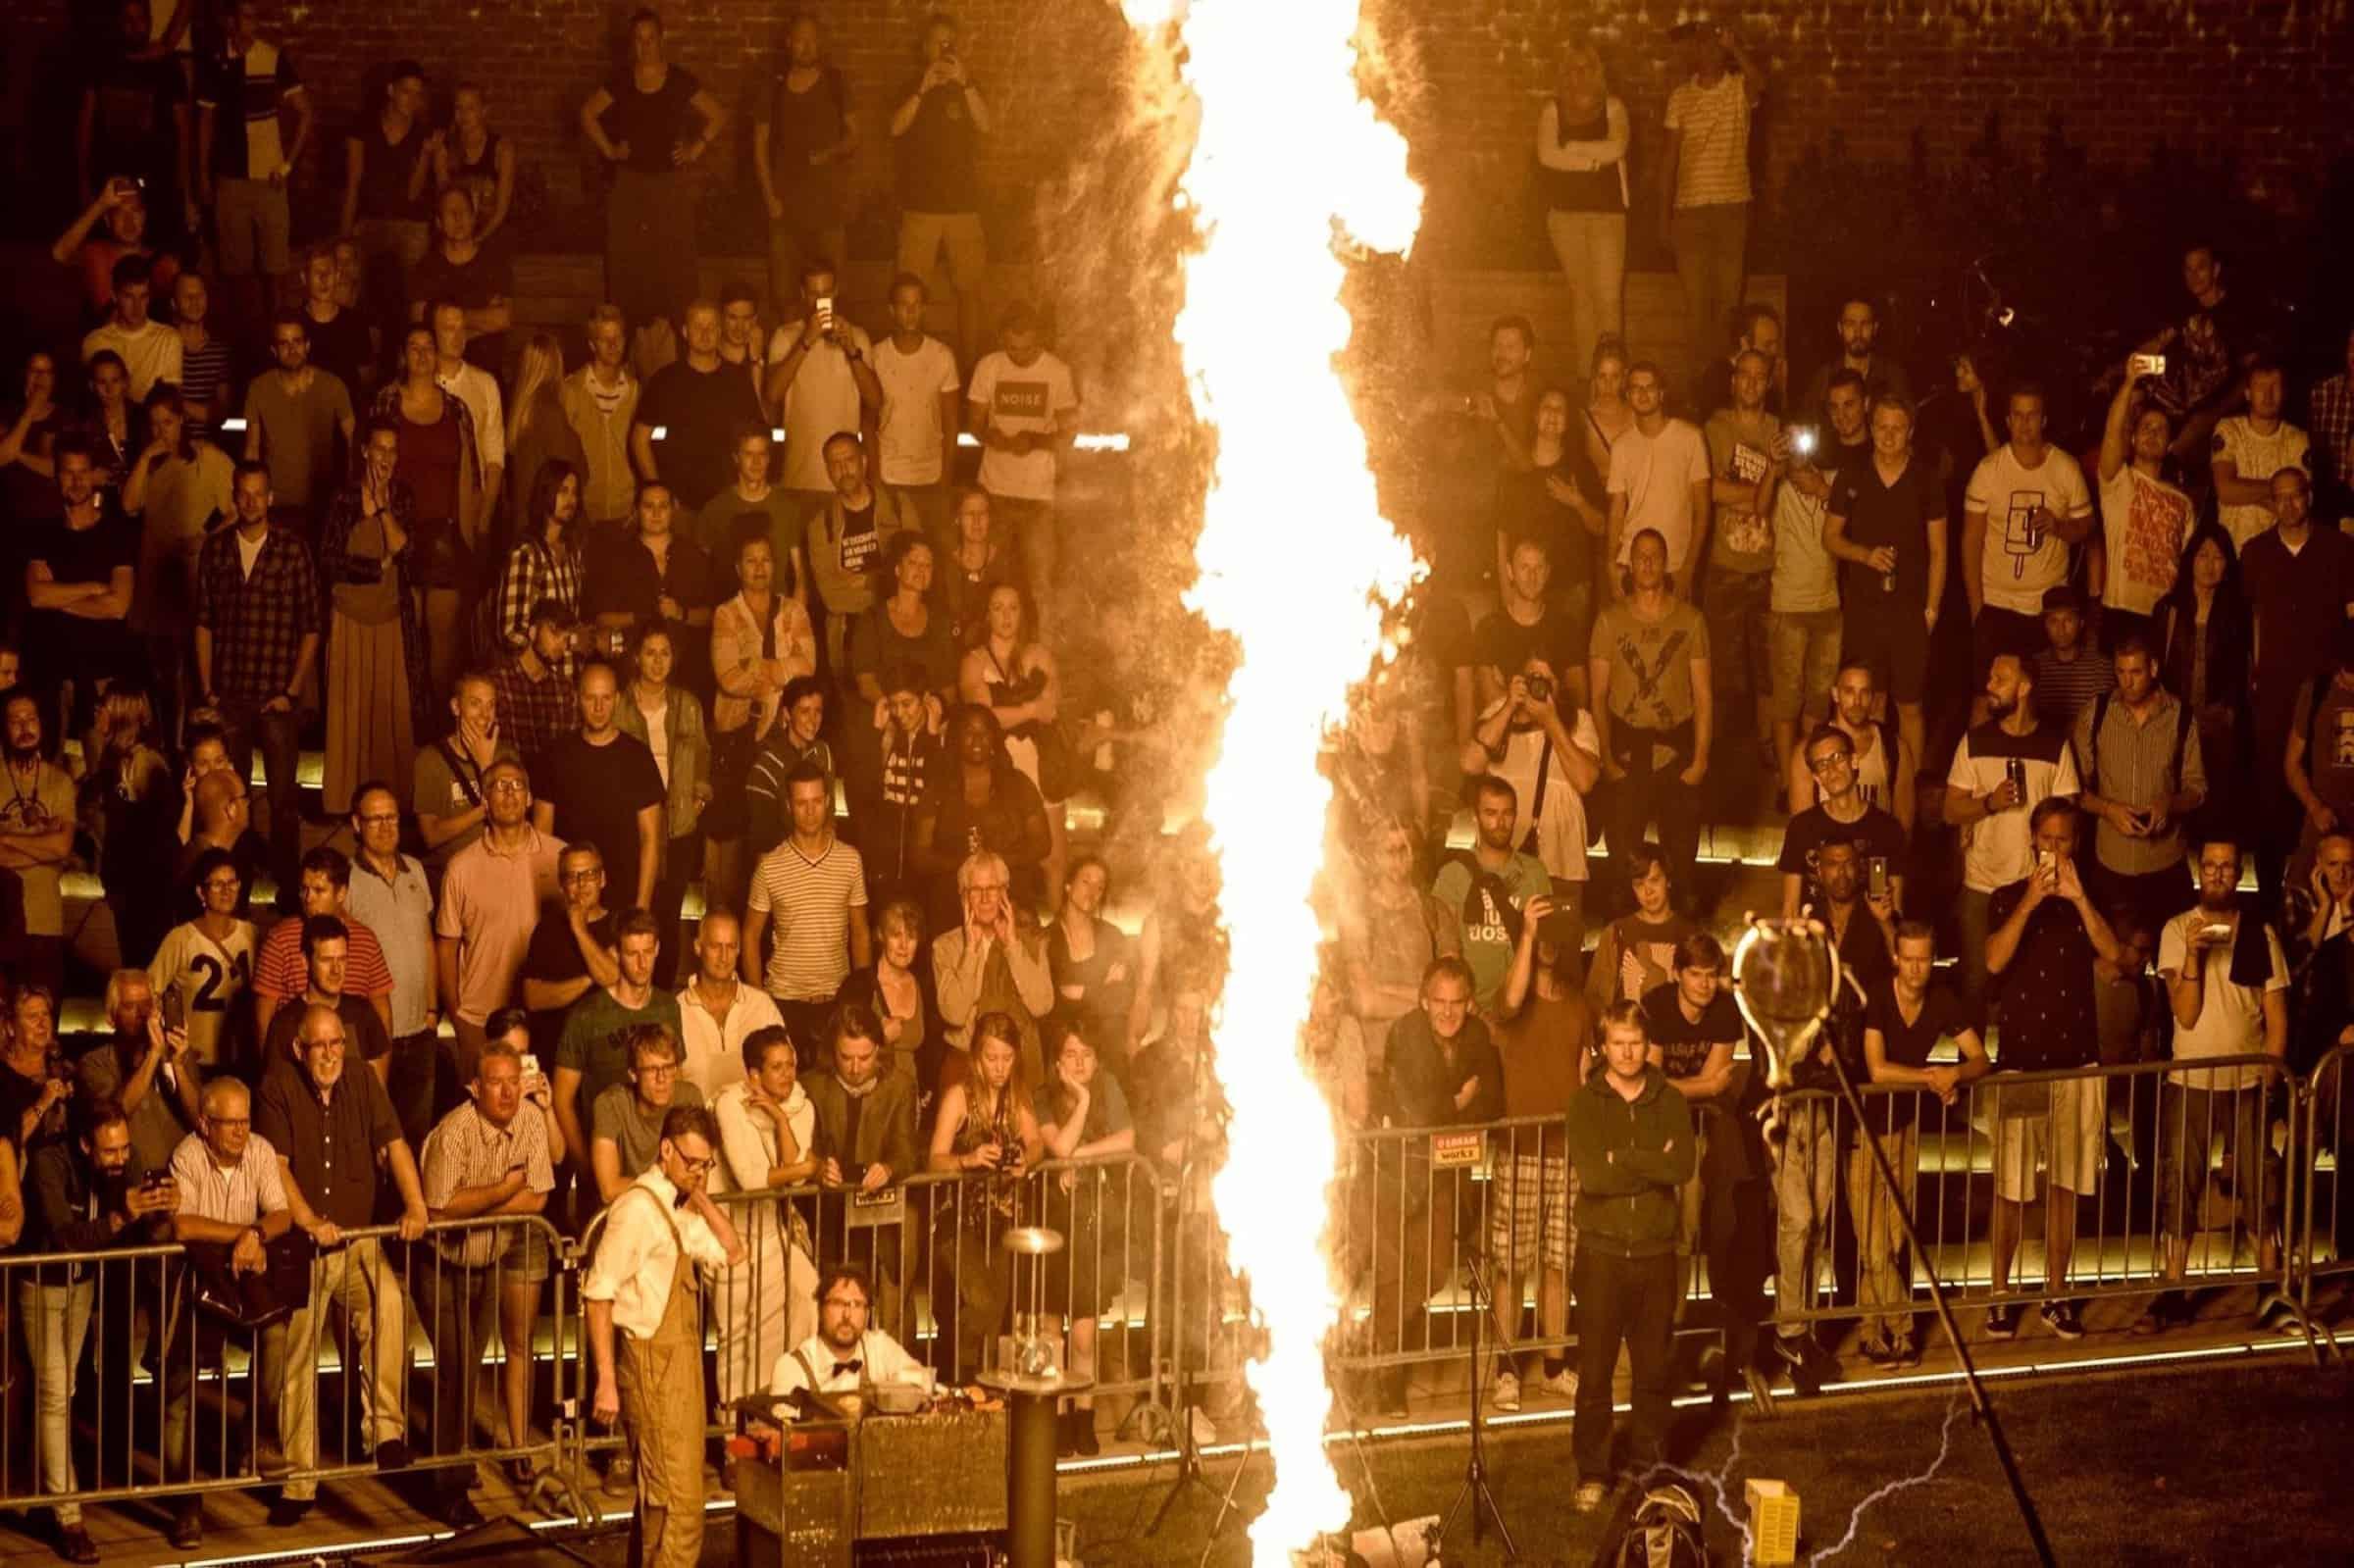 Gogbot_Vulcan - publiek - The Symphony of Fire - gespot - muziek - installatie - vuur - bliksem - melodie - kunst